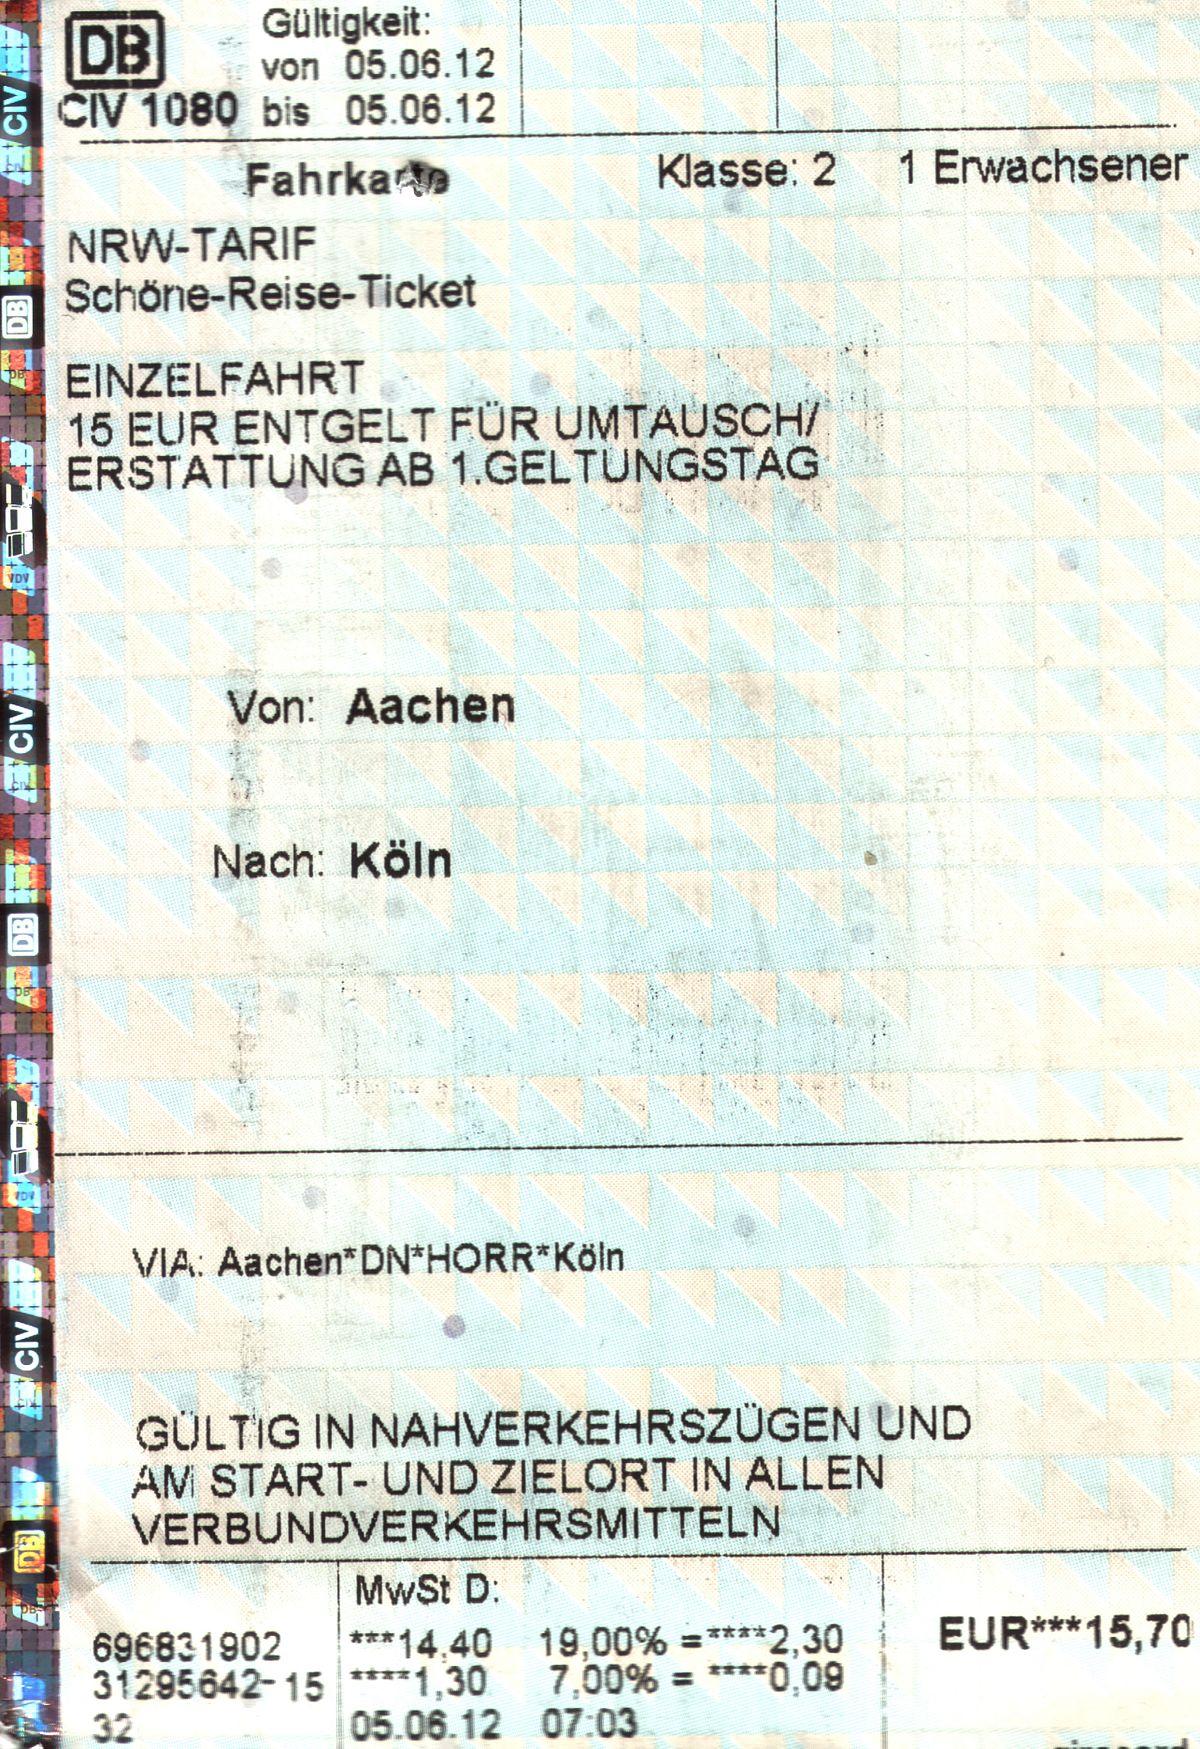 2 stunden ticket nrw online dating 7